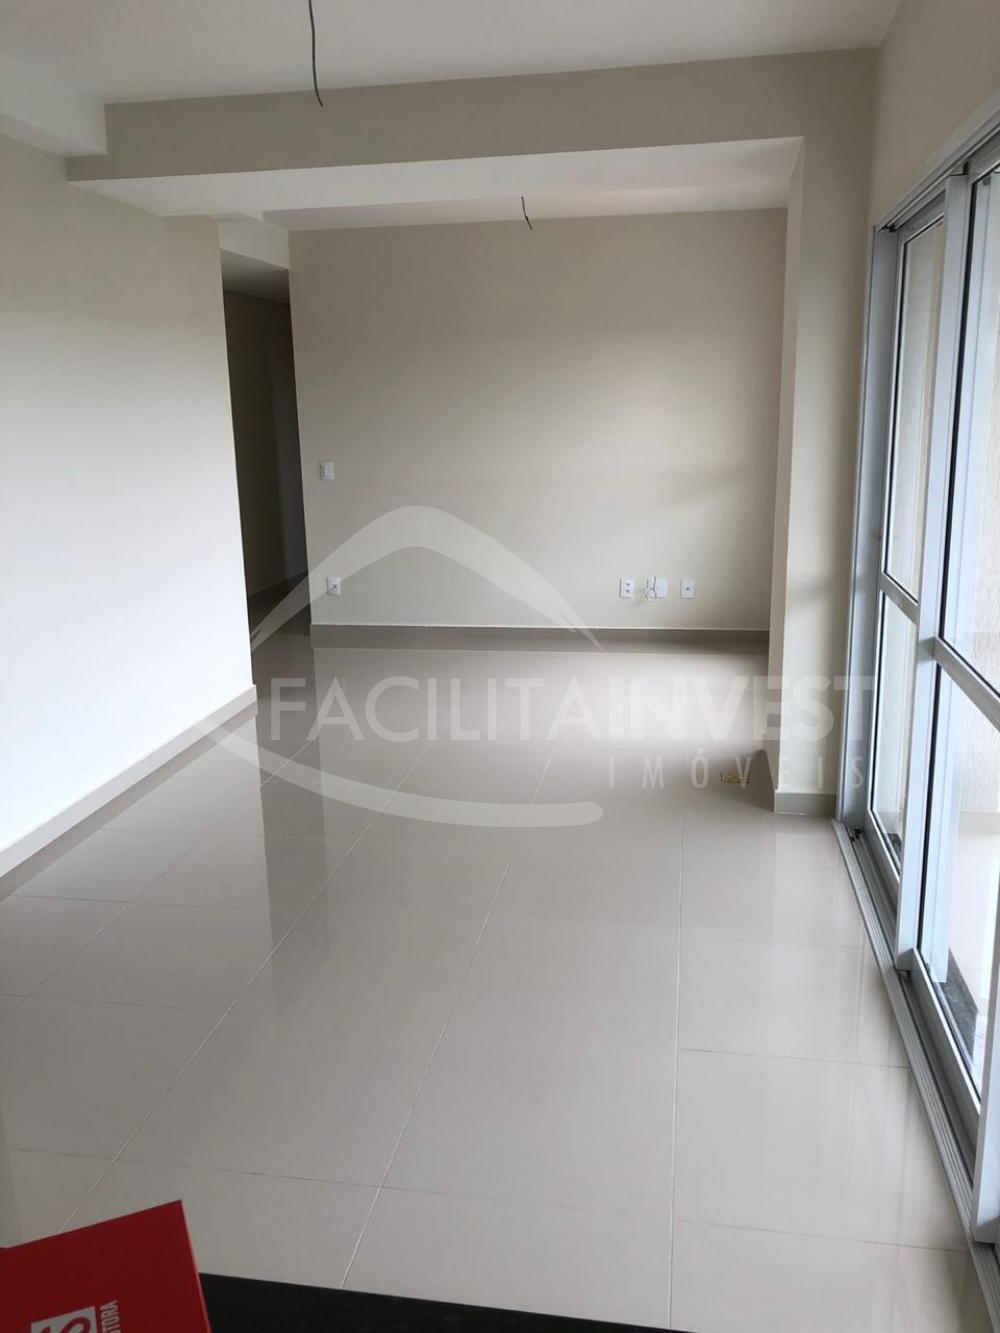 Alugar Apartamentos / Apart. Padrão em Ribeirão Preto apenas R$ 2.800,00 - Foto 1